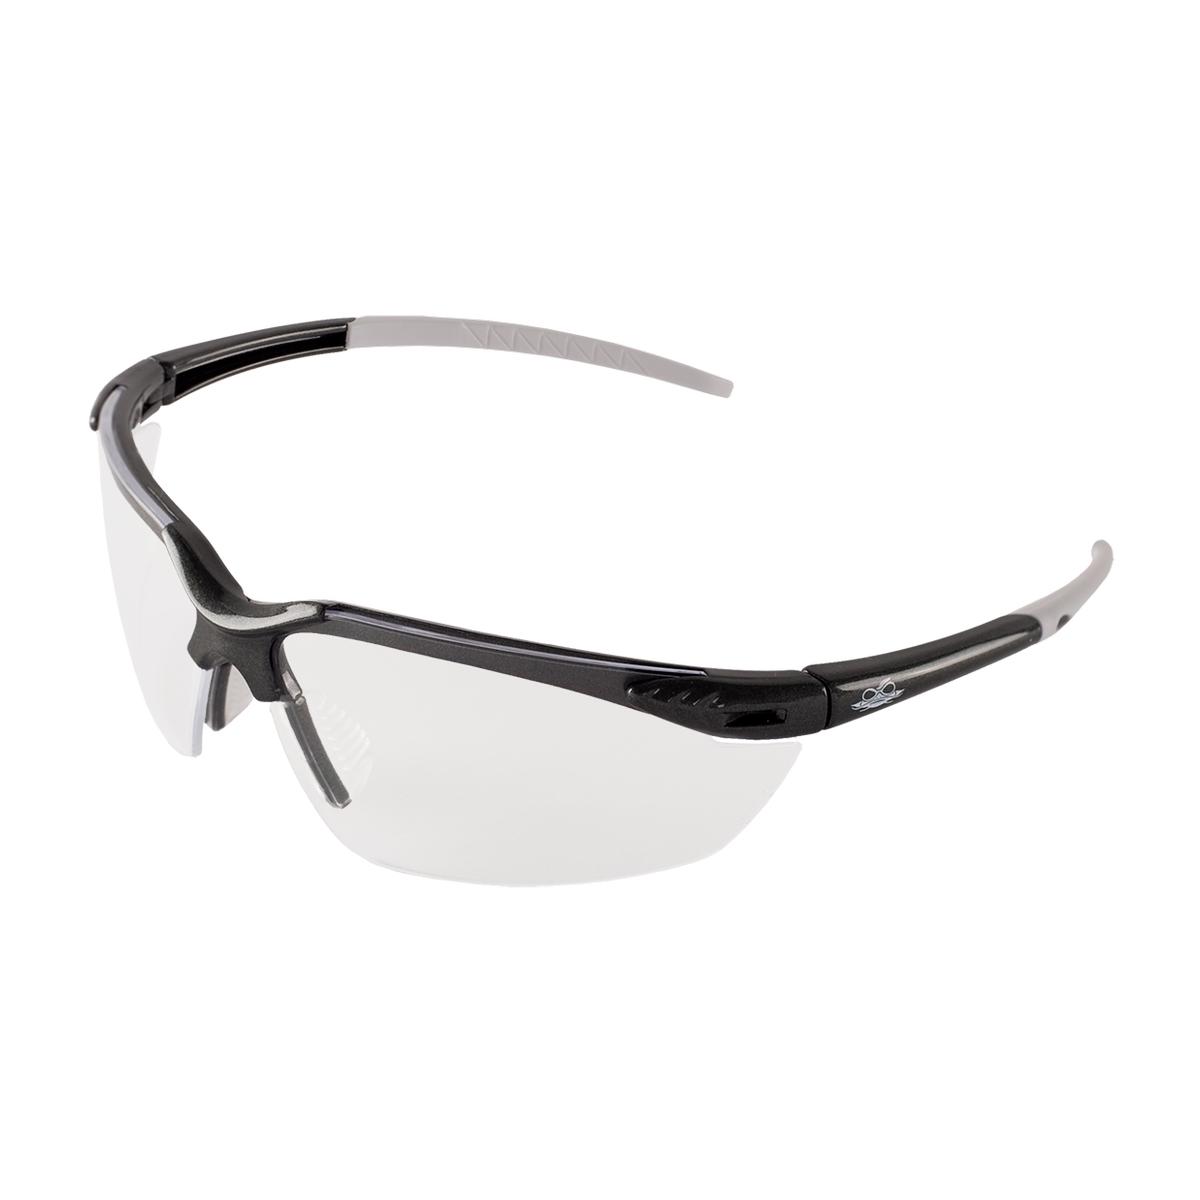 Glasses Gray Frame : Bullhead BH1191 Mojarra Safety Glasses - Gray Frame ...